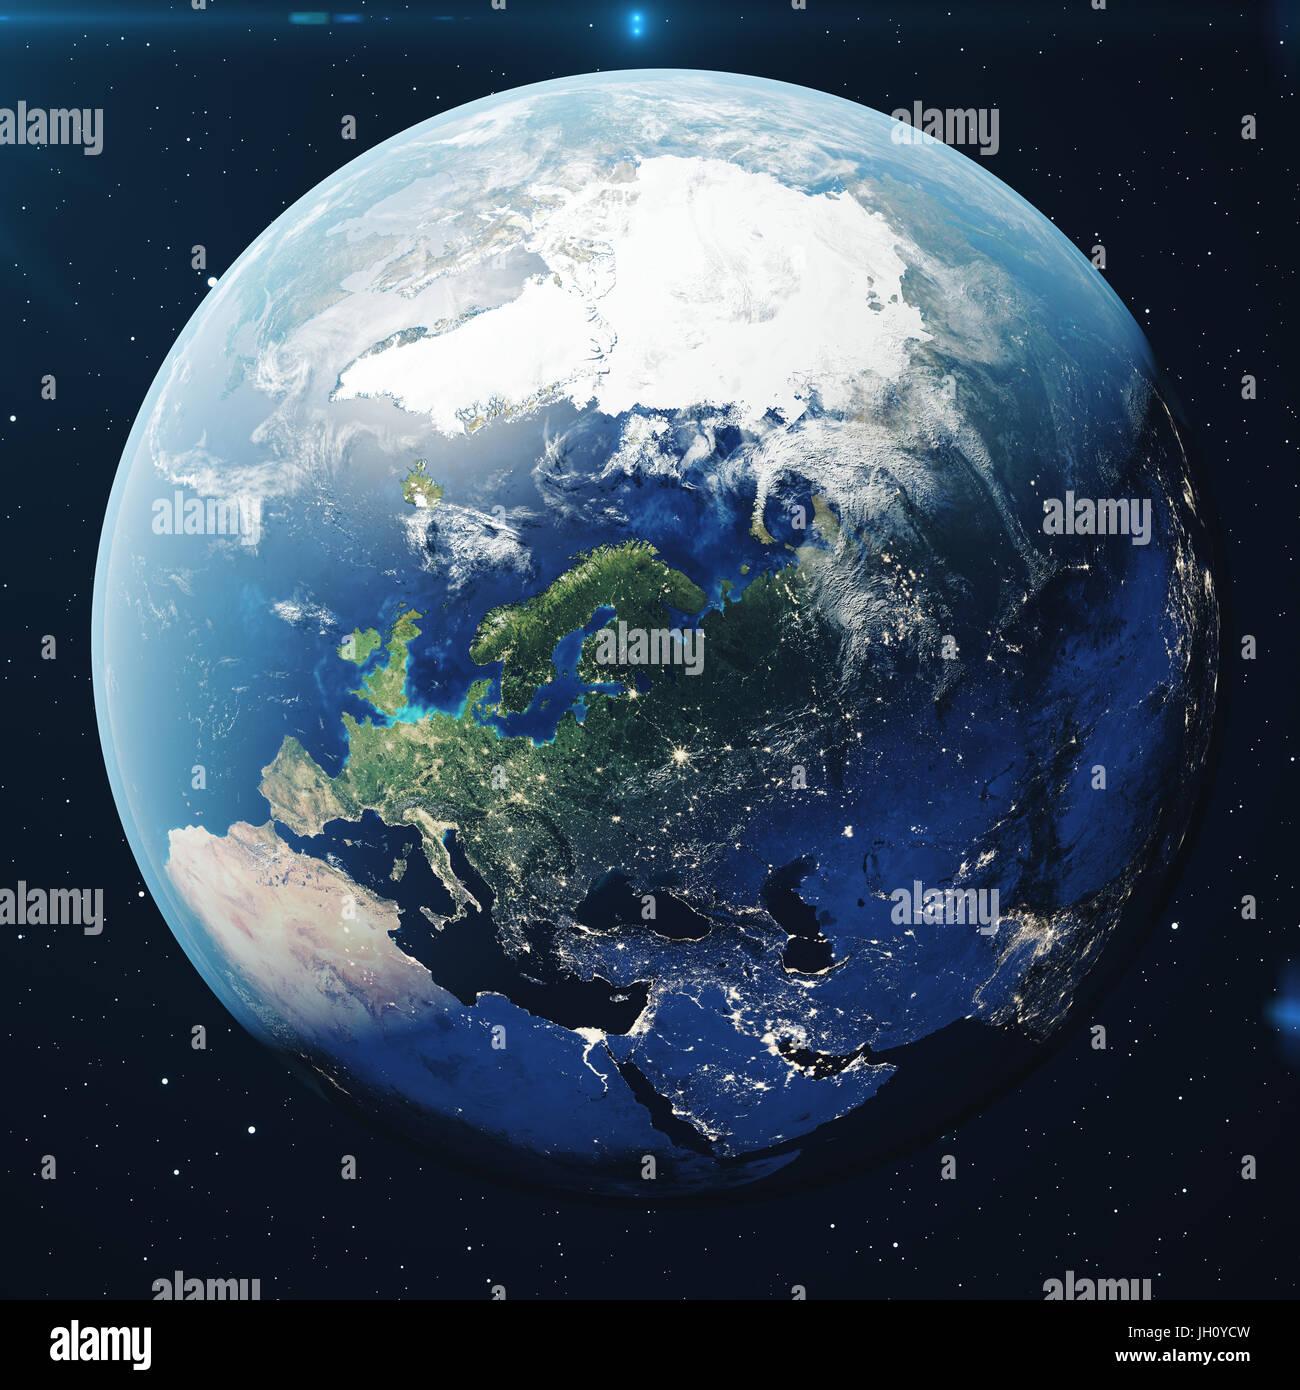 Inspirierend Weltkugel 3d Referenz Von Rendering Erde Aus Dem Weltraum In Der